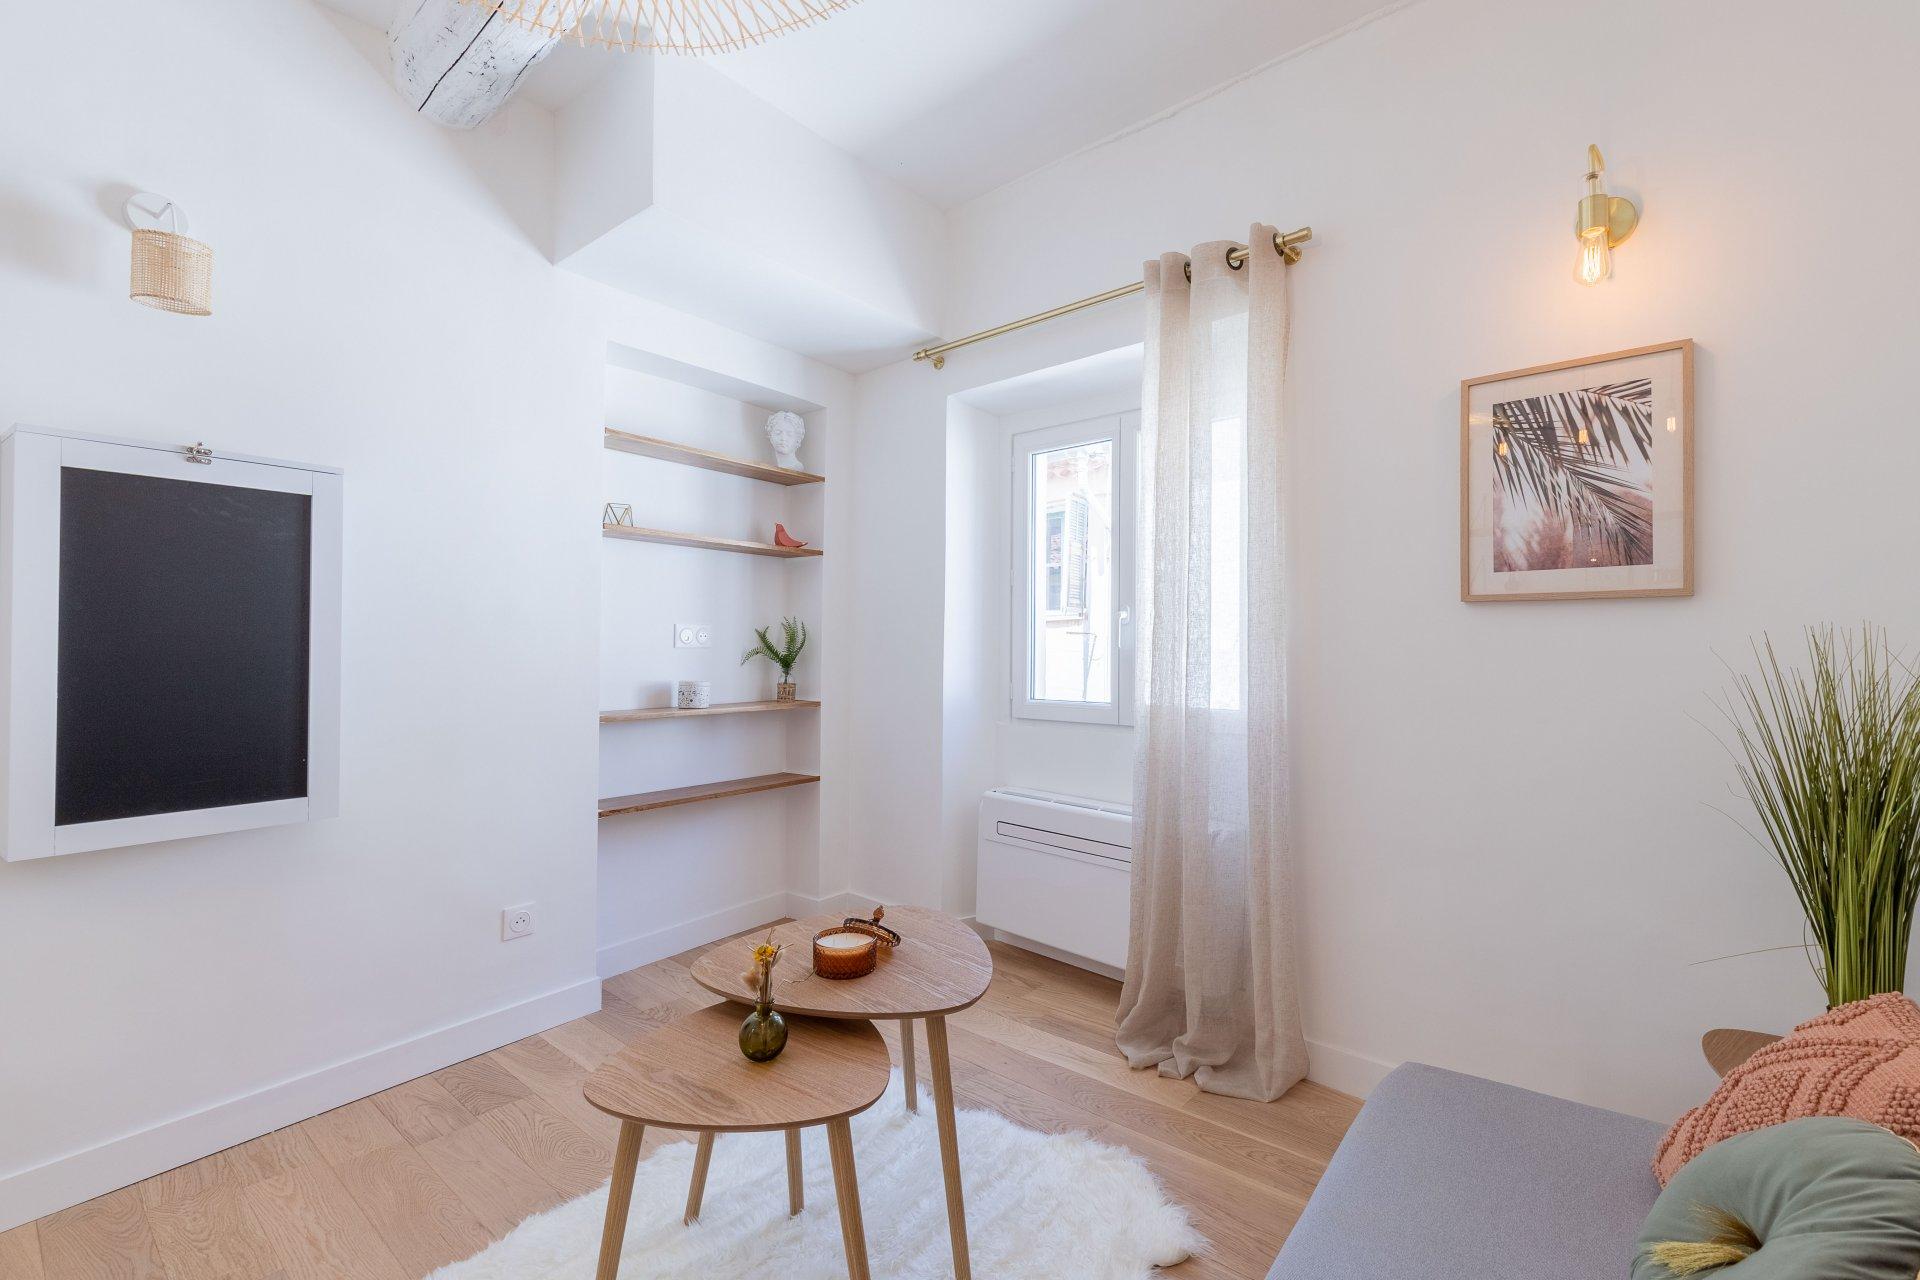 Försäljning Lägenhet - Nice Vieux Nice